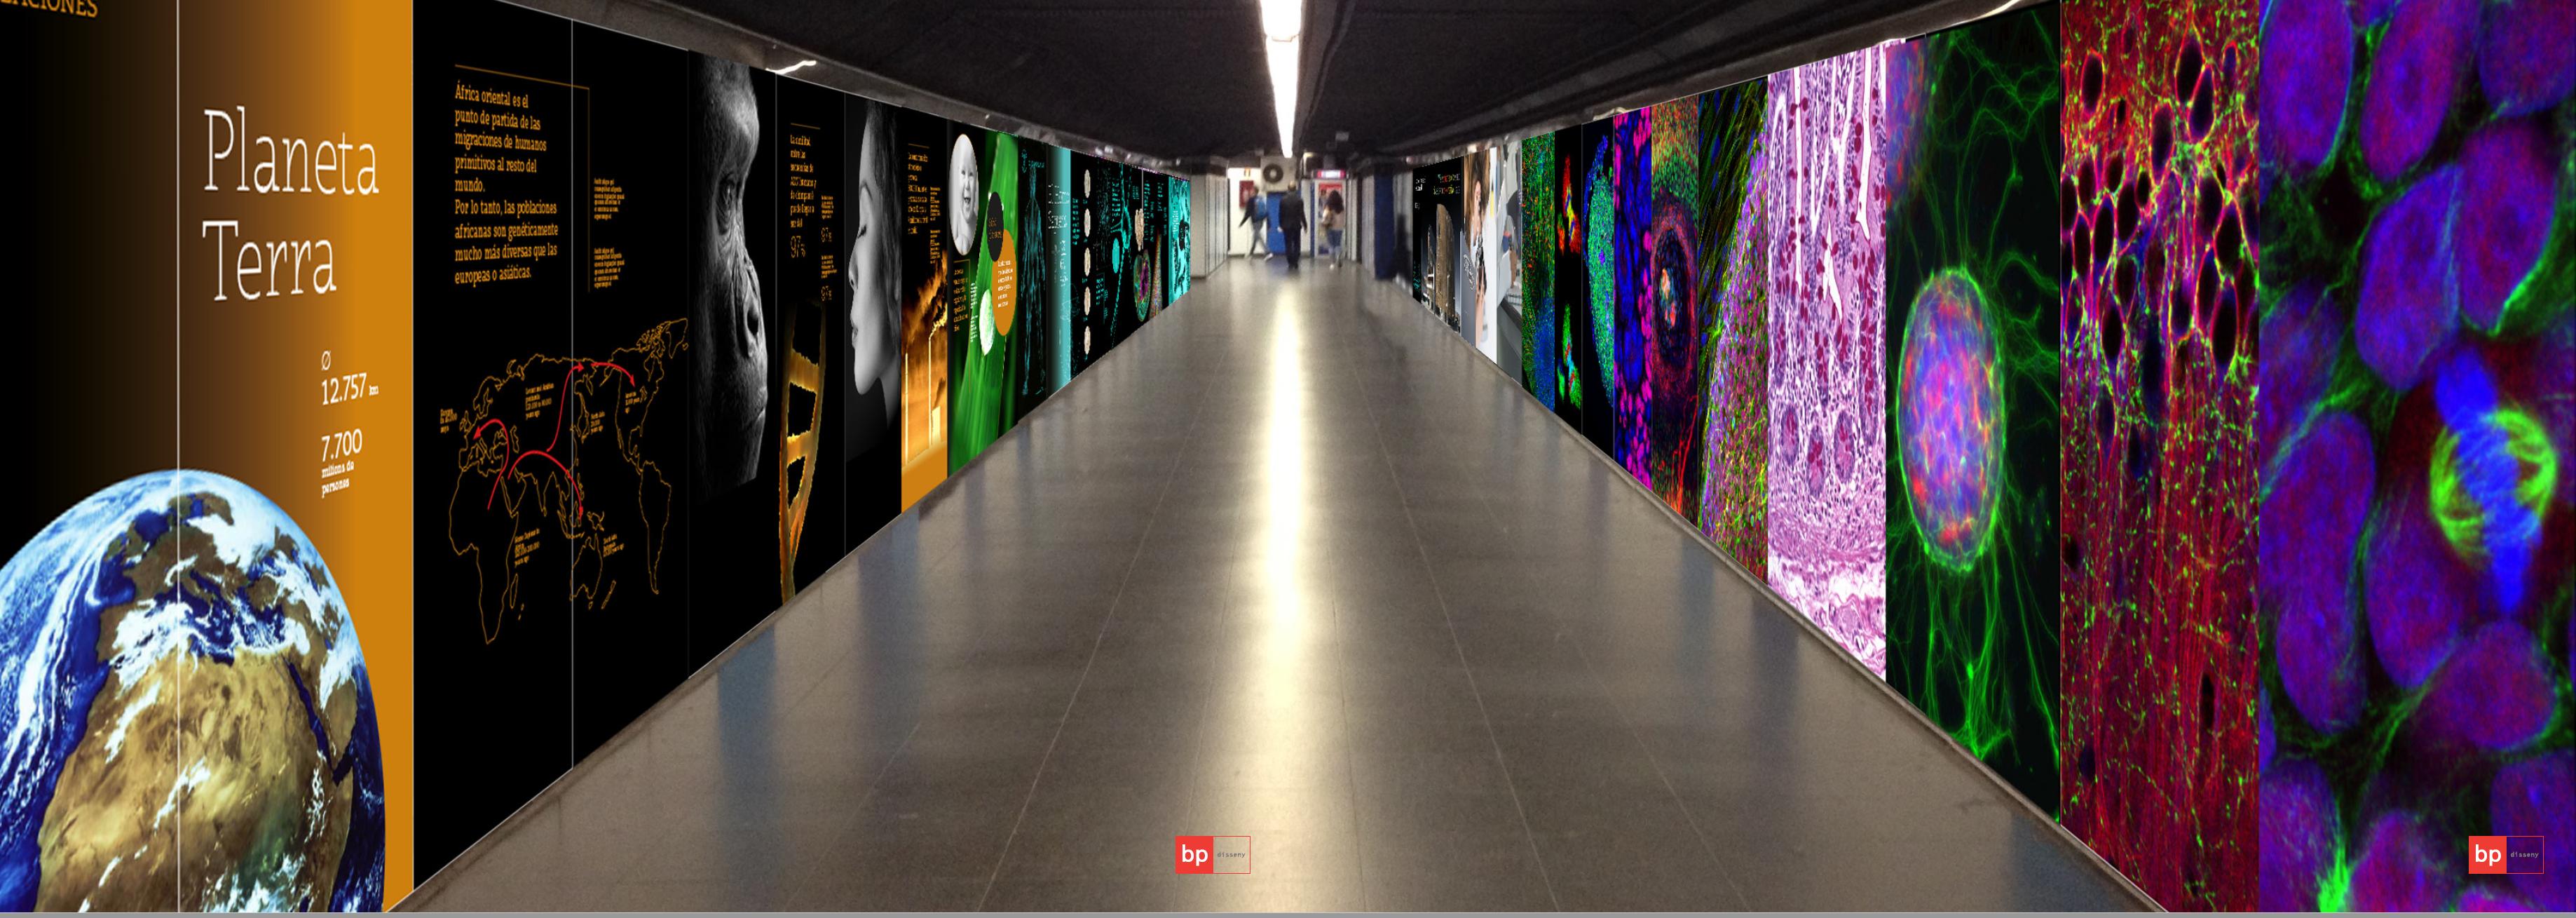 La mostra ha convertit el passadís del metro de Ciutadella / Vila Olímpica en un passeig per la biologia humana.